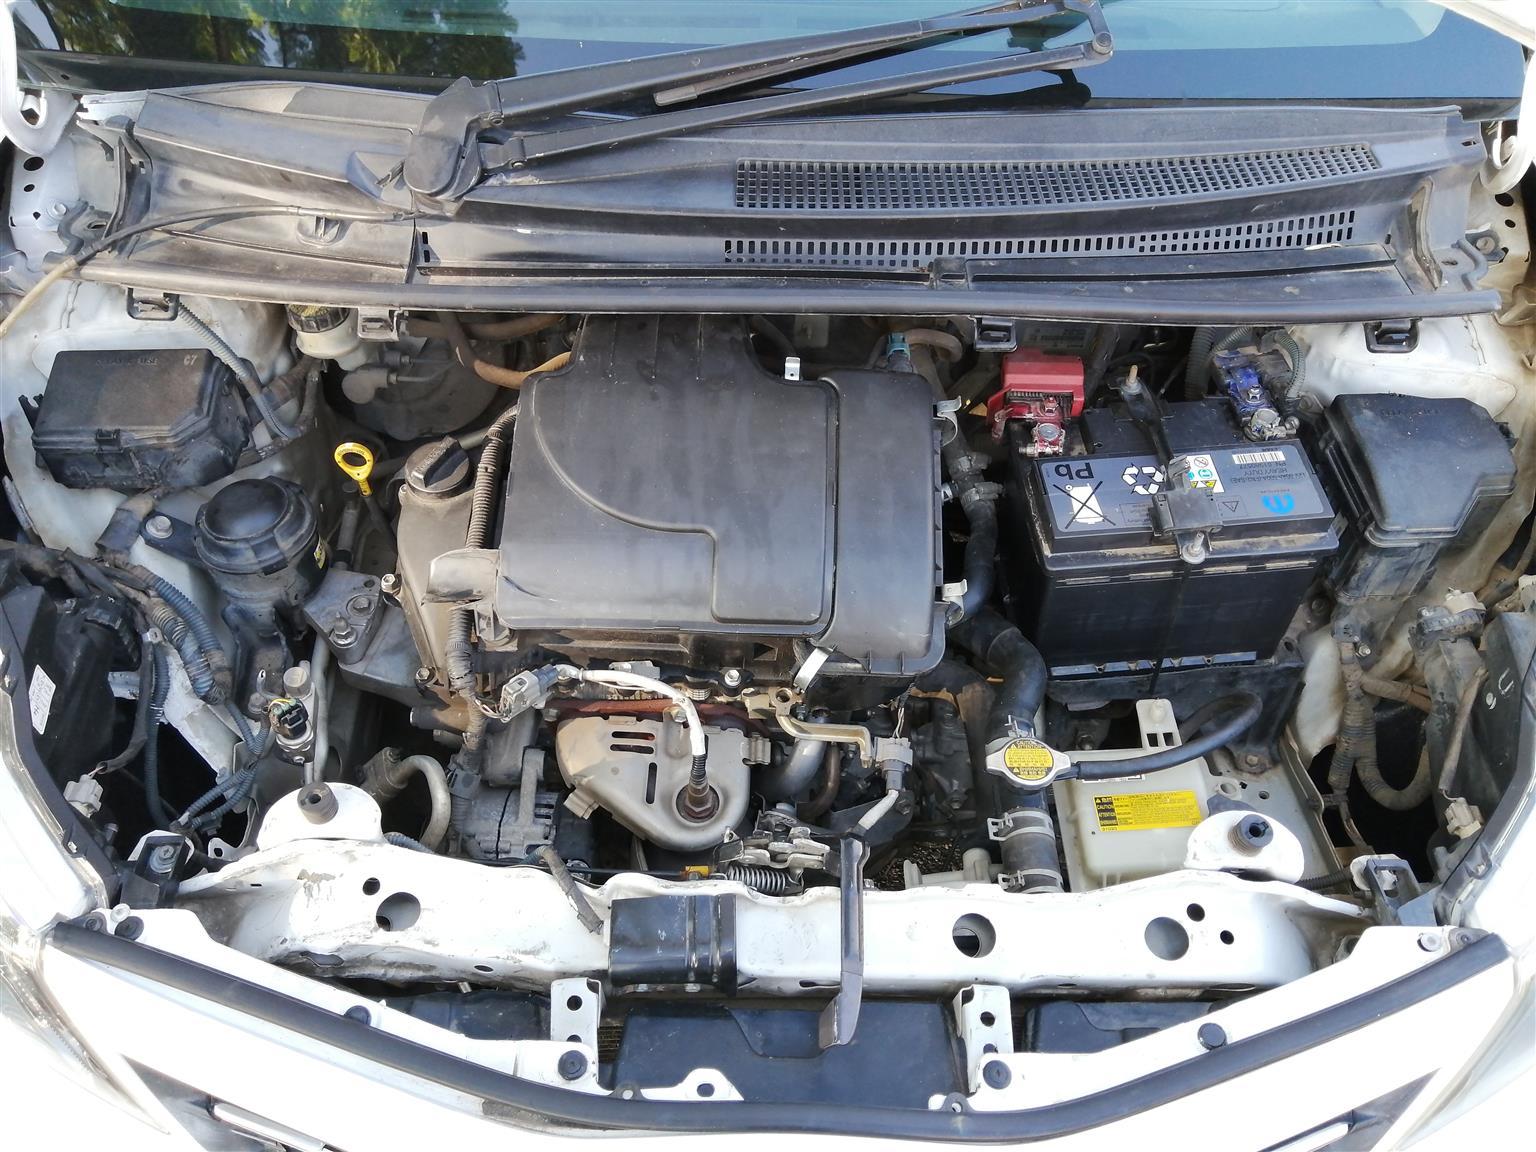 2014 Toyota Yaris 1.0 5 door T1 (aircon+CD)